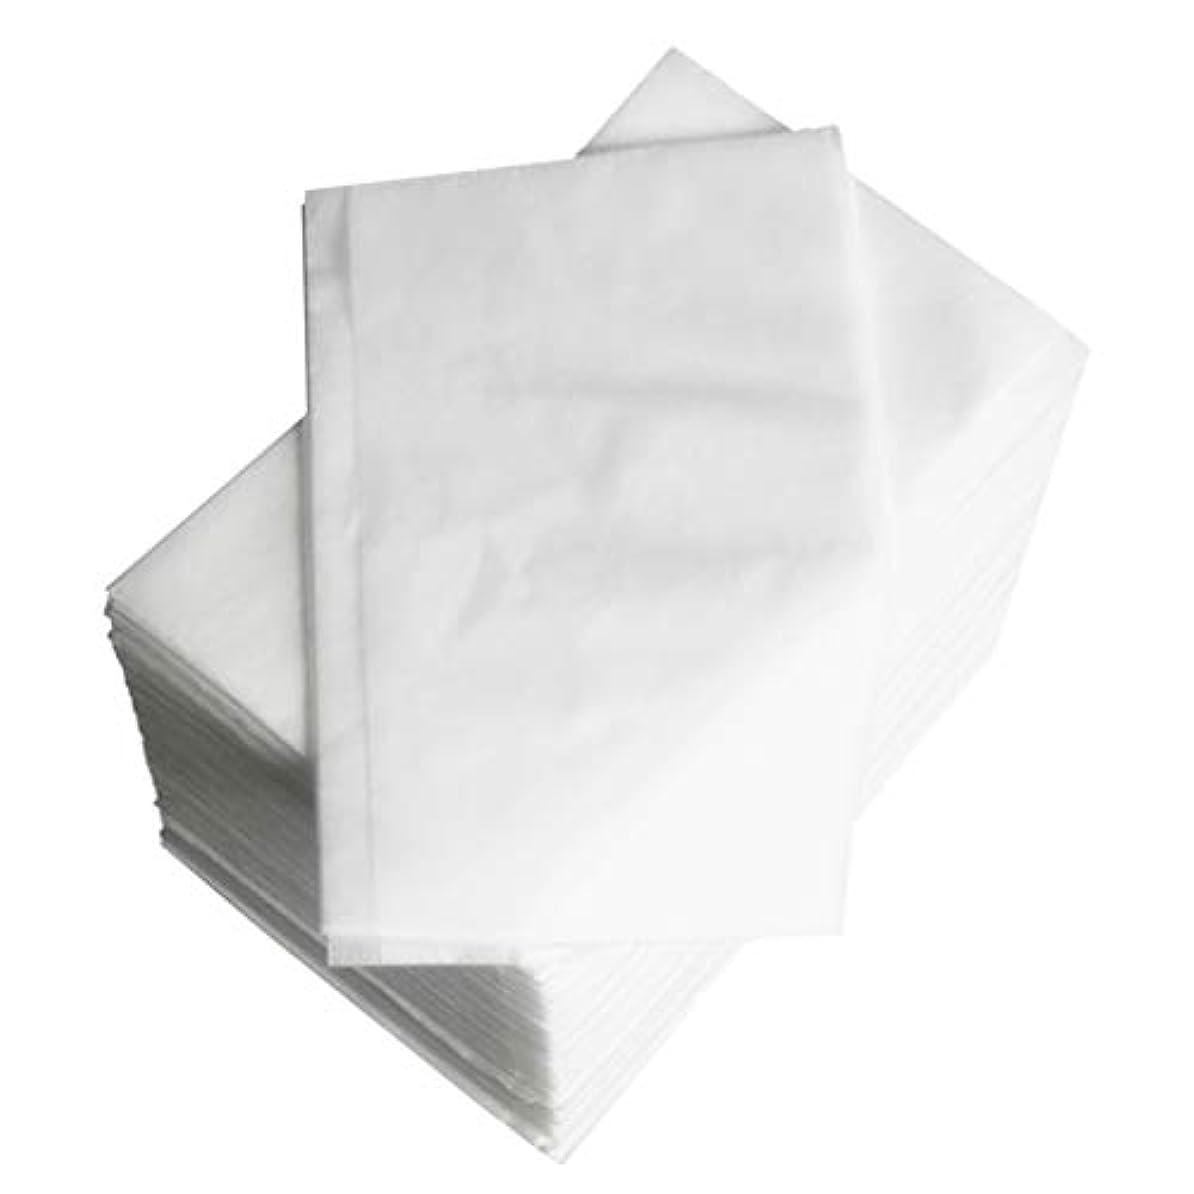 見つける気づくなる統合するマッサージ テーブルカバー使い捨て 約100個入り 全2カラー - 白